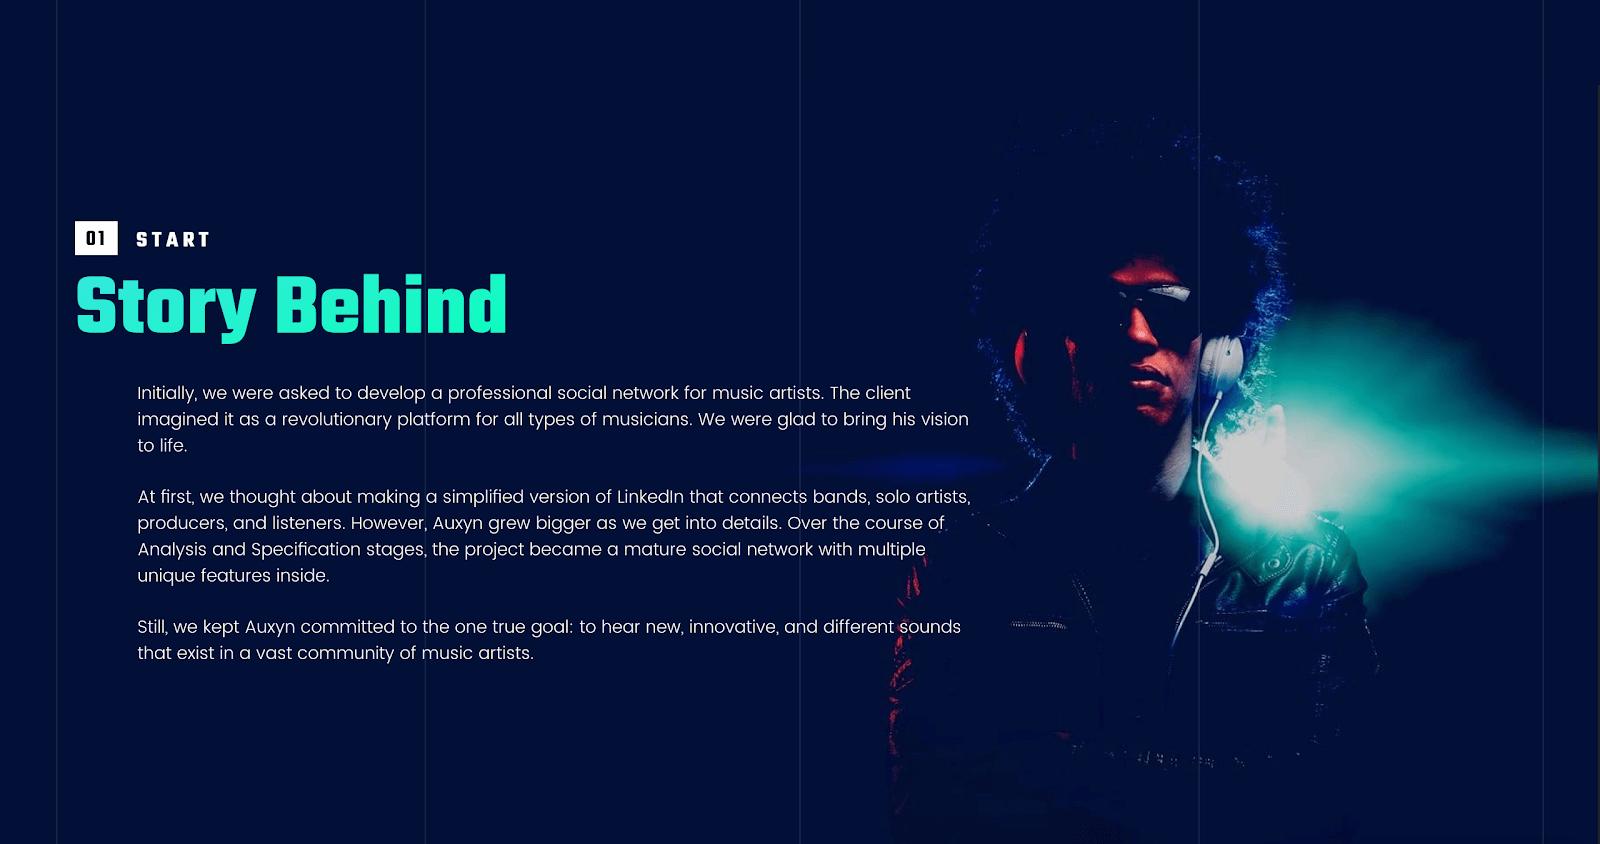 քո պատմությունը կայքում